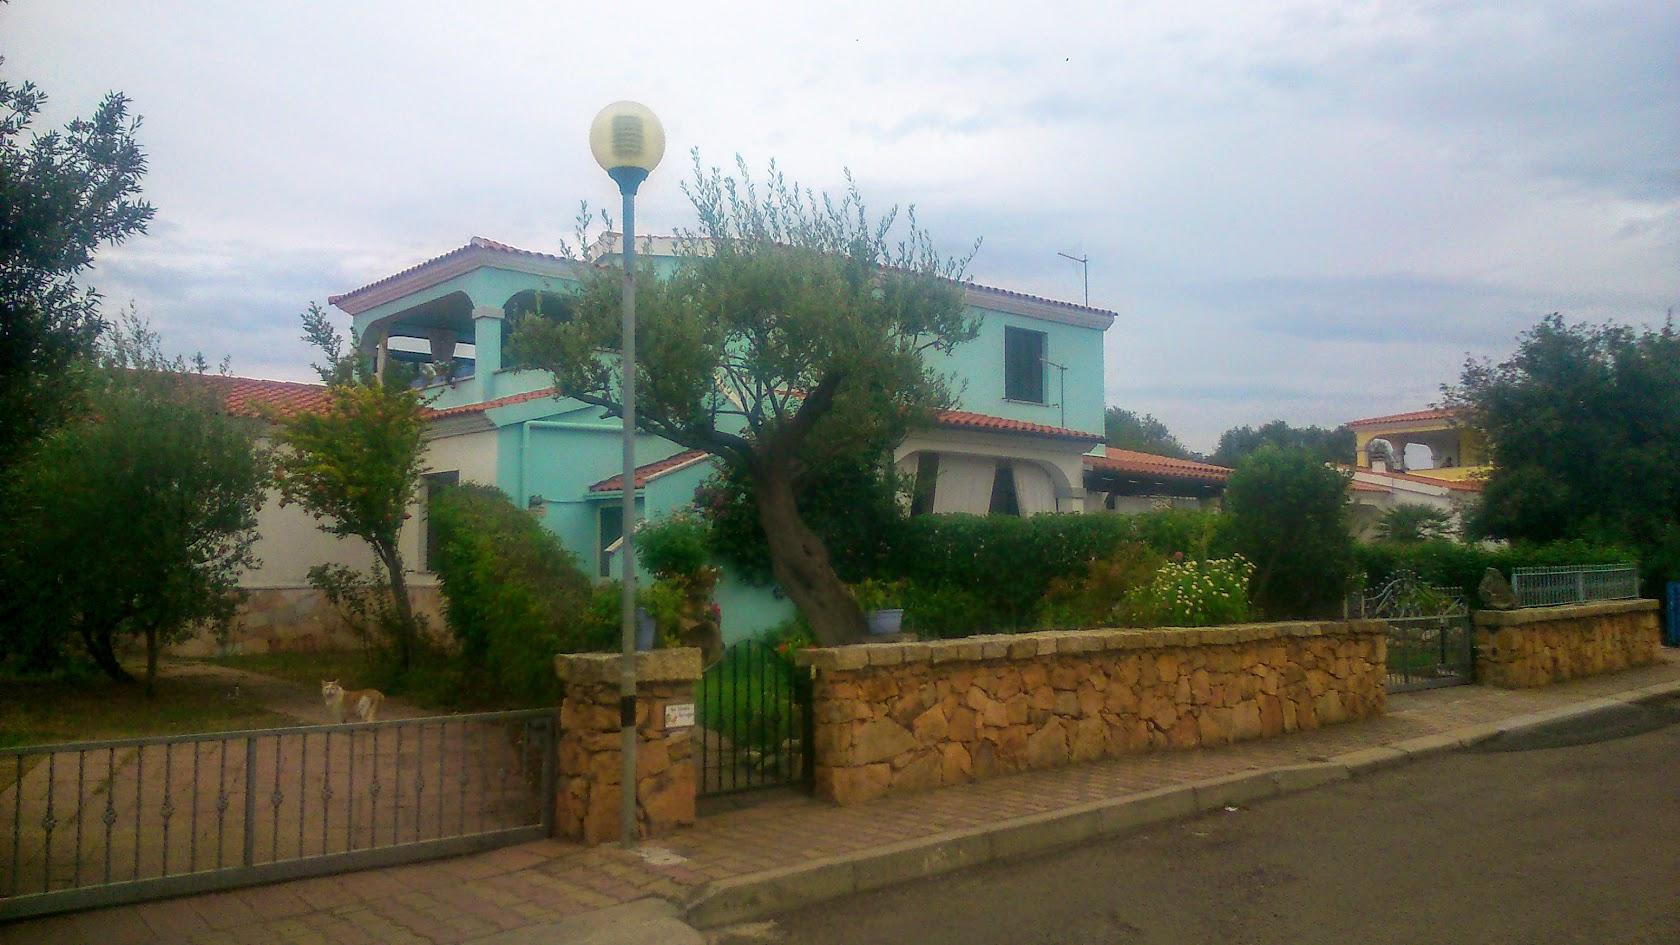 Дом соседей. В голубом окрасе. Ухоженный.